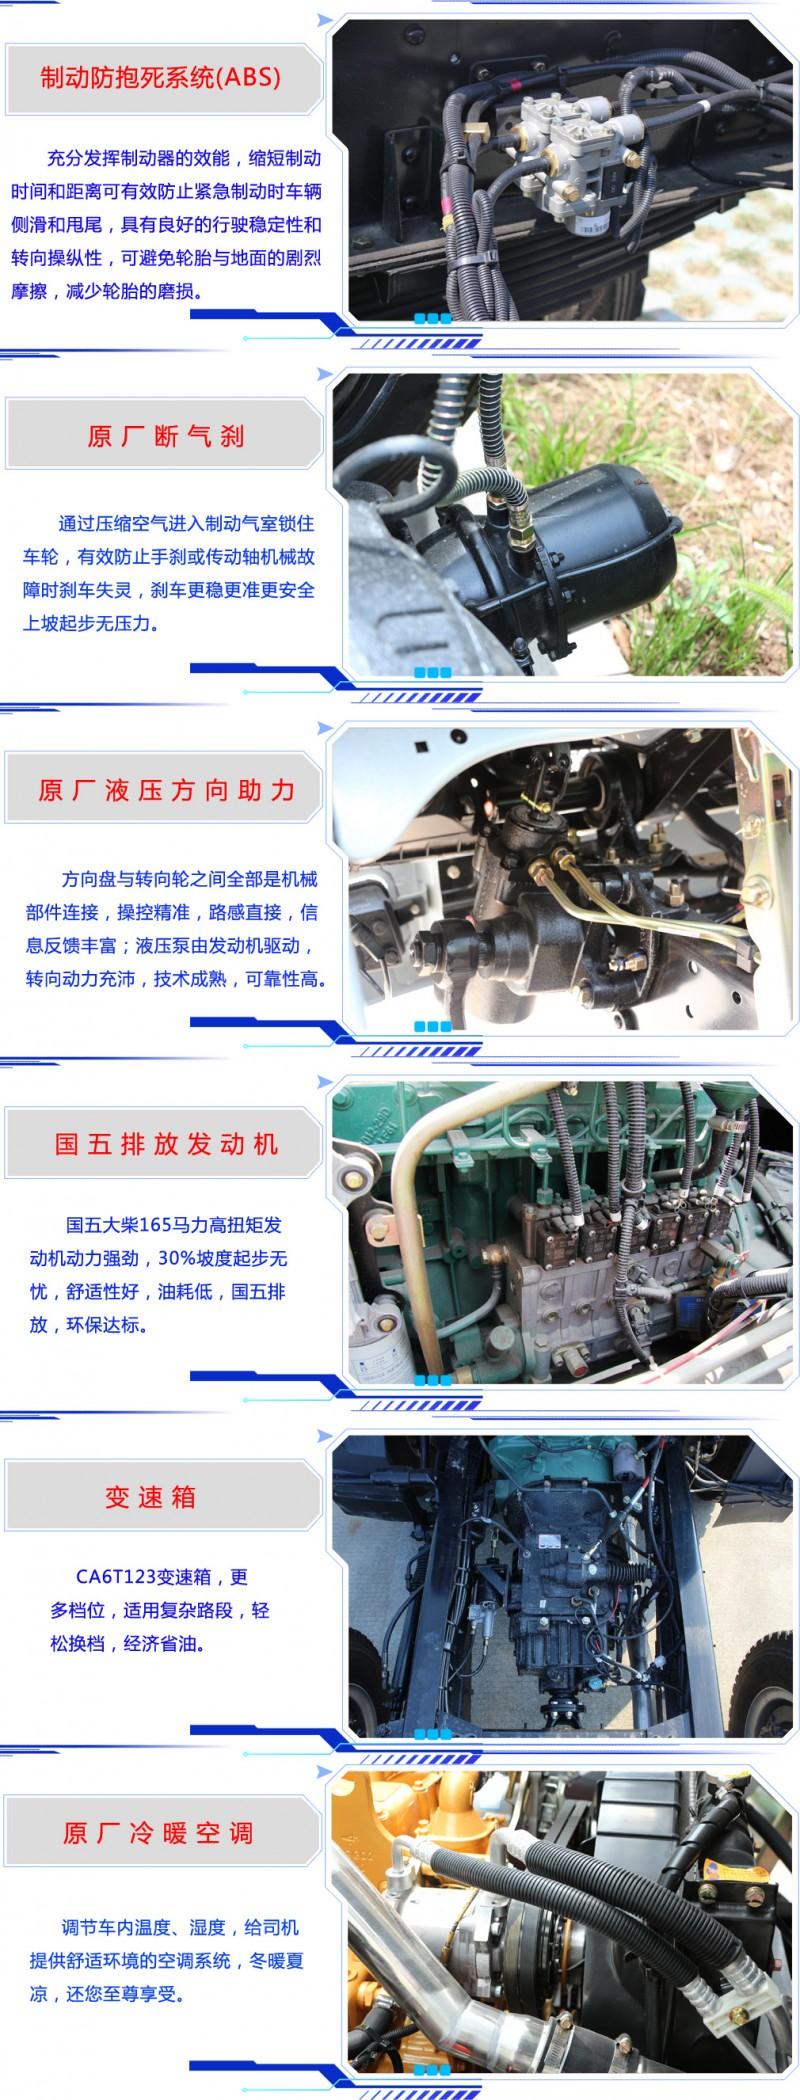 解放虎V5.6米清障车 底盘细节